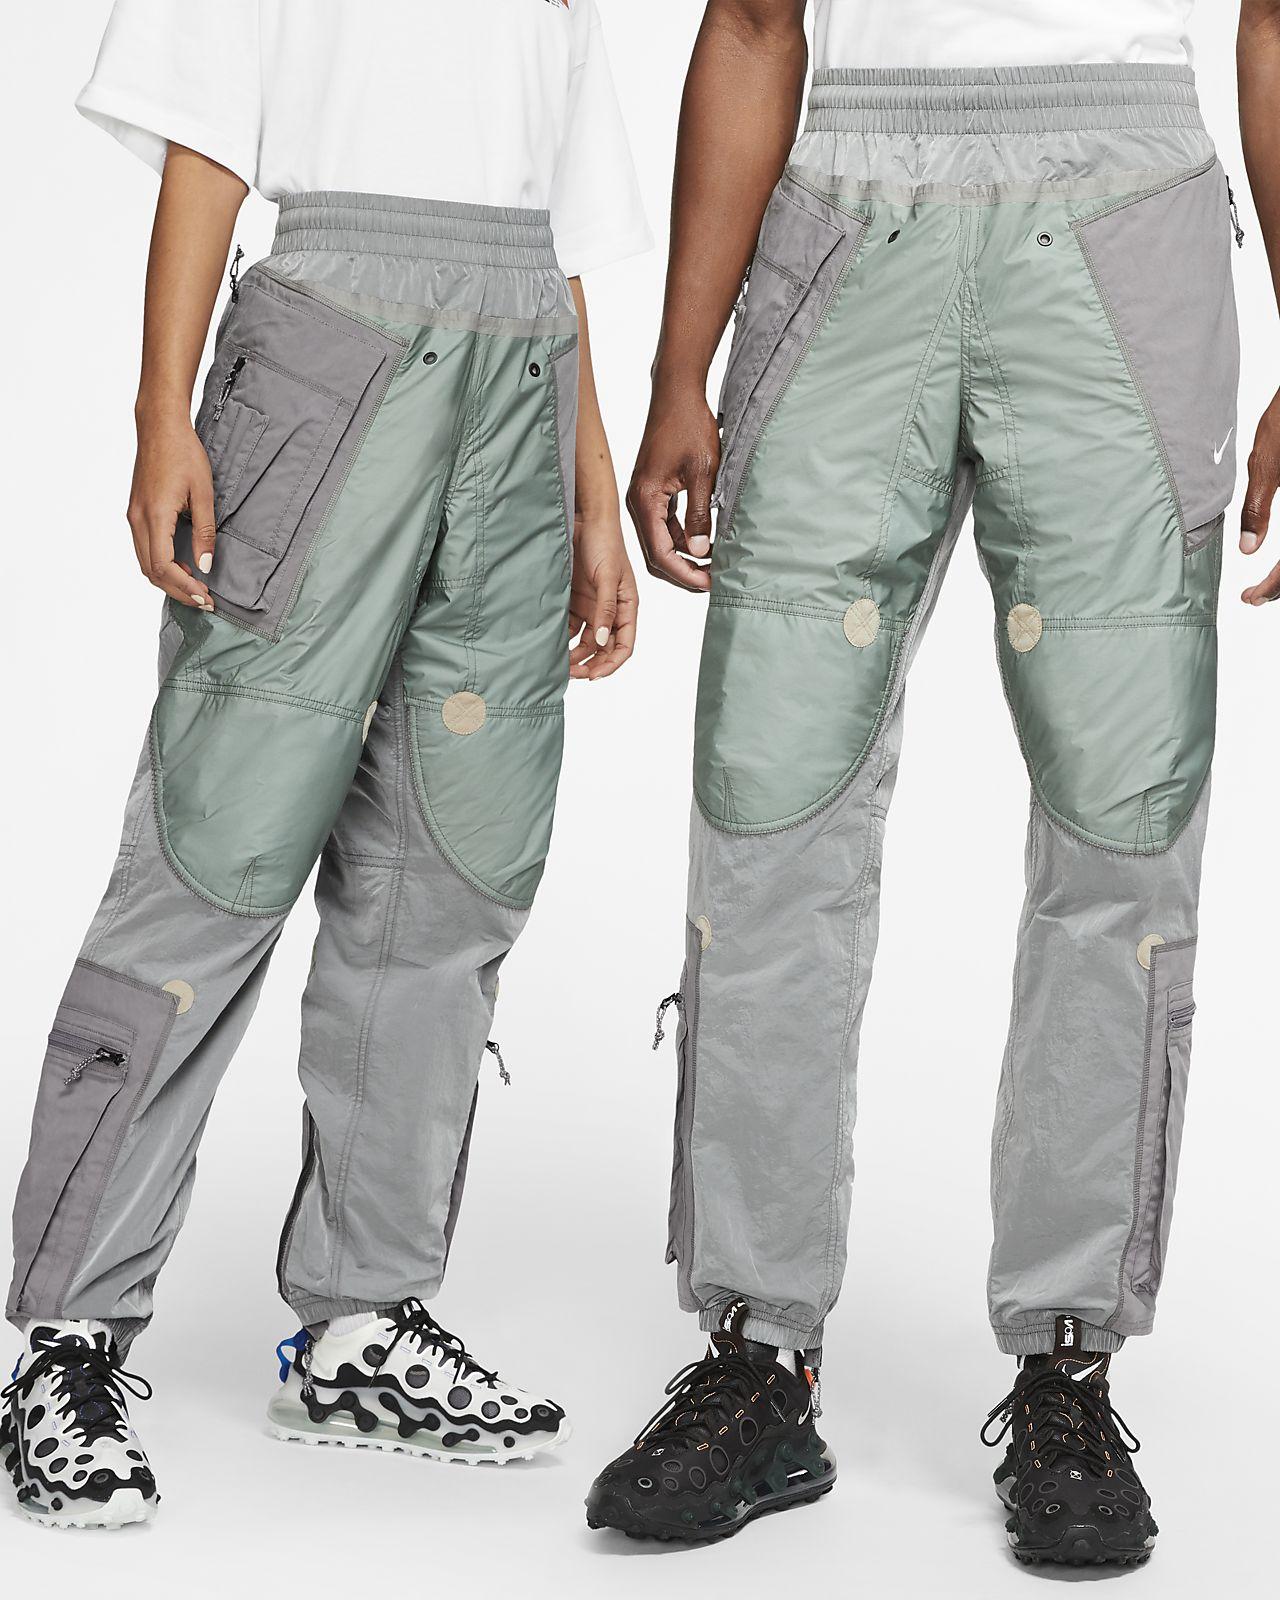 Nike ISPA-justerbare bukser